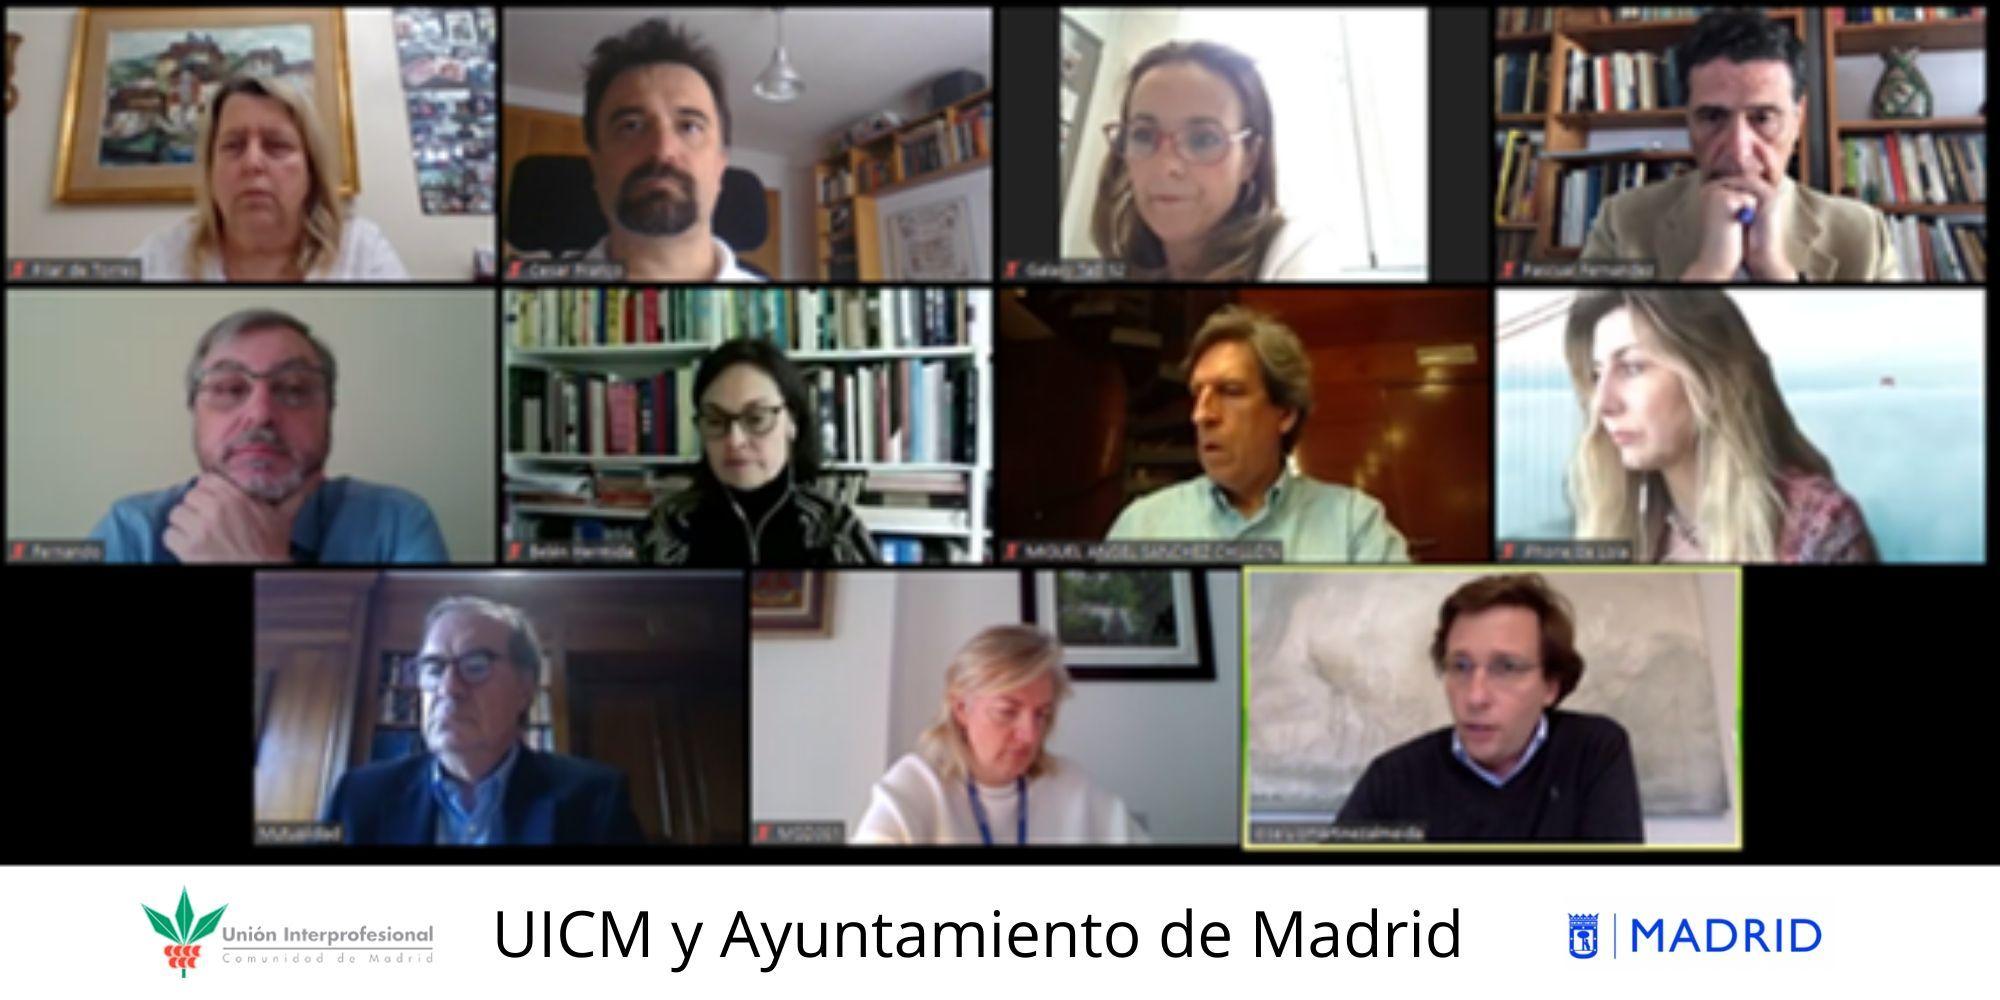 Unión Interprofesional de la Comunidad de Madrid y el Ayuntamiento de Madrid colaborarán para volver a convertir a Madrid en una potencia y en referente mundial del desarrollo económico y social